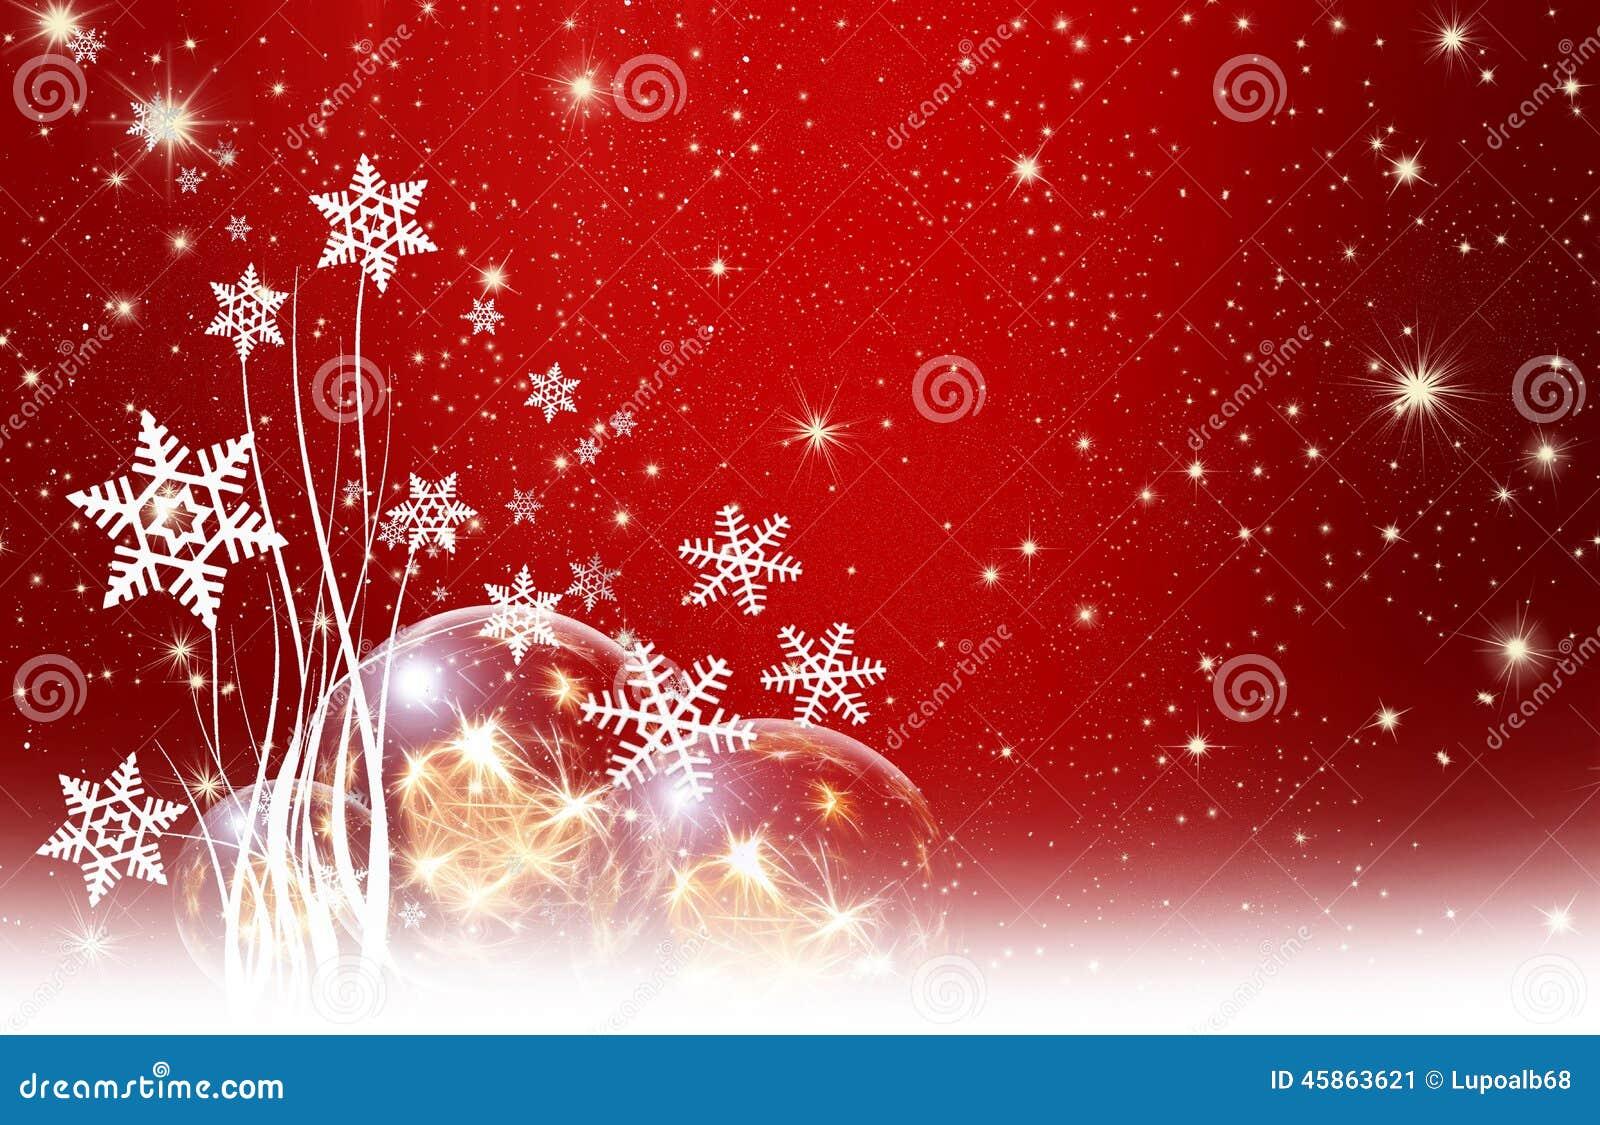 Weihnachtswünsche Kerze.Weihnachtswünsche Sterne Hintergrund Stock Abbildung